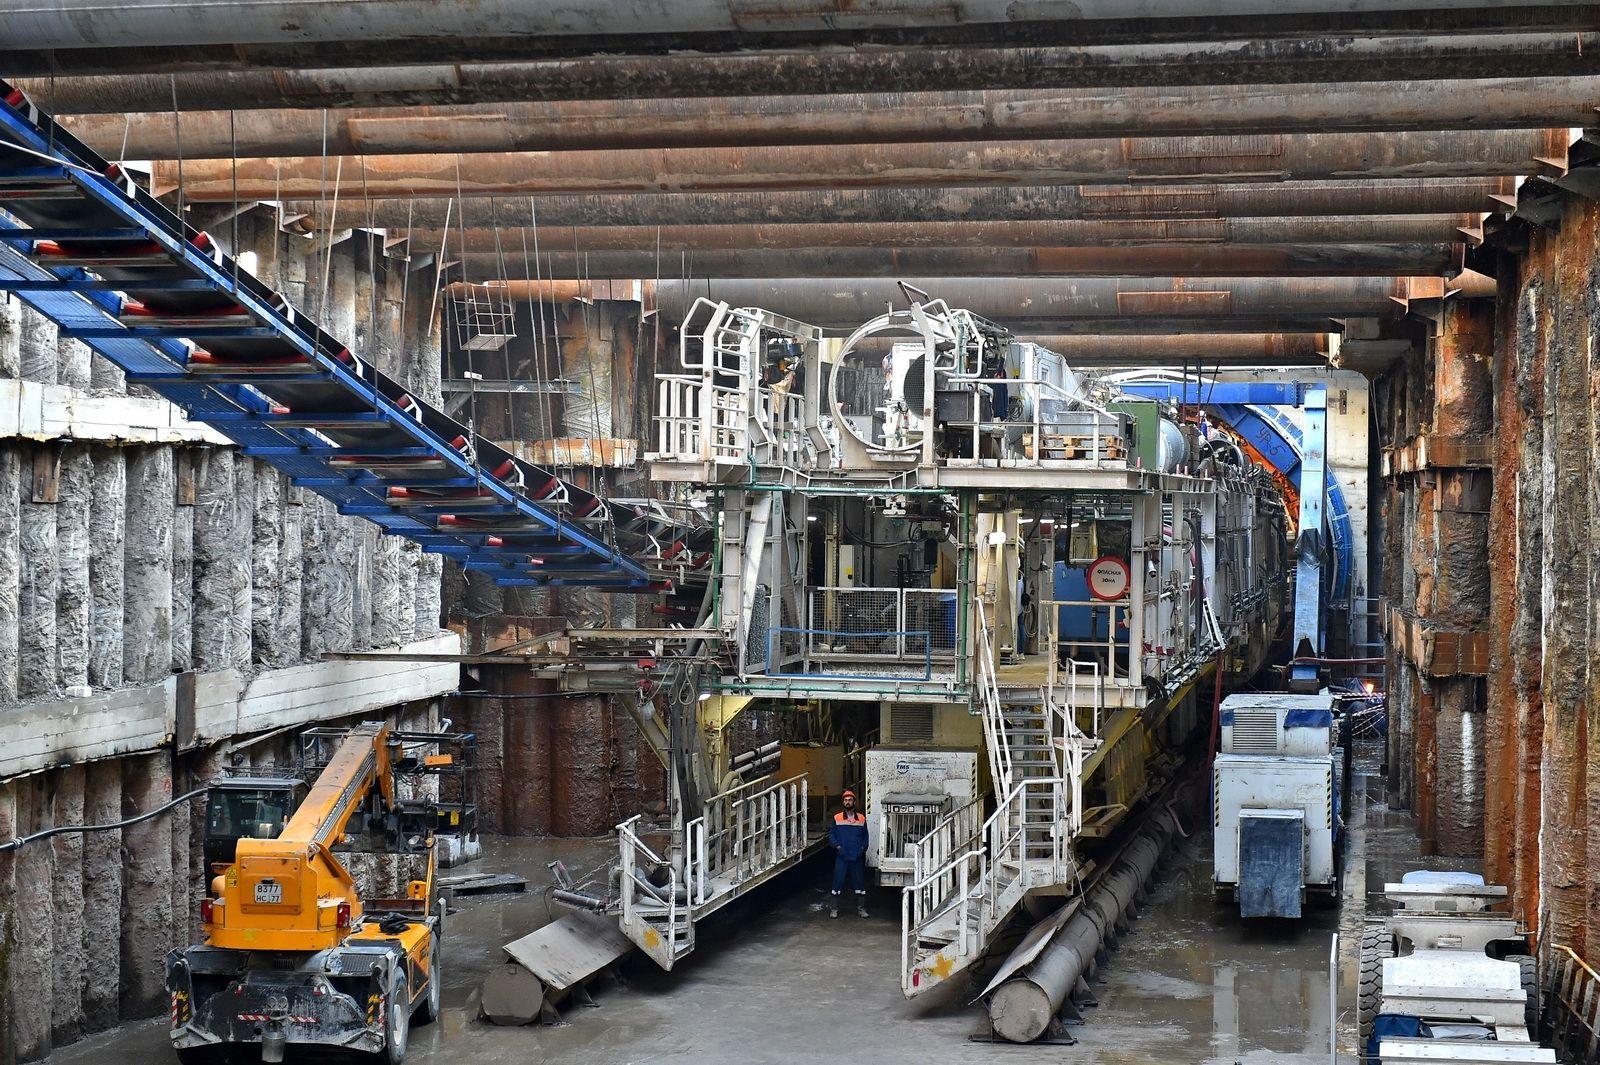 Тоннелепроходческий комплекс из Китая привезут для строительства станций БКЛ «Нагатинский Затон» и «Кленовый бульвар»